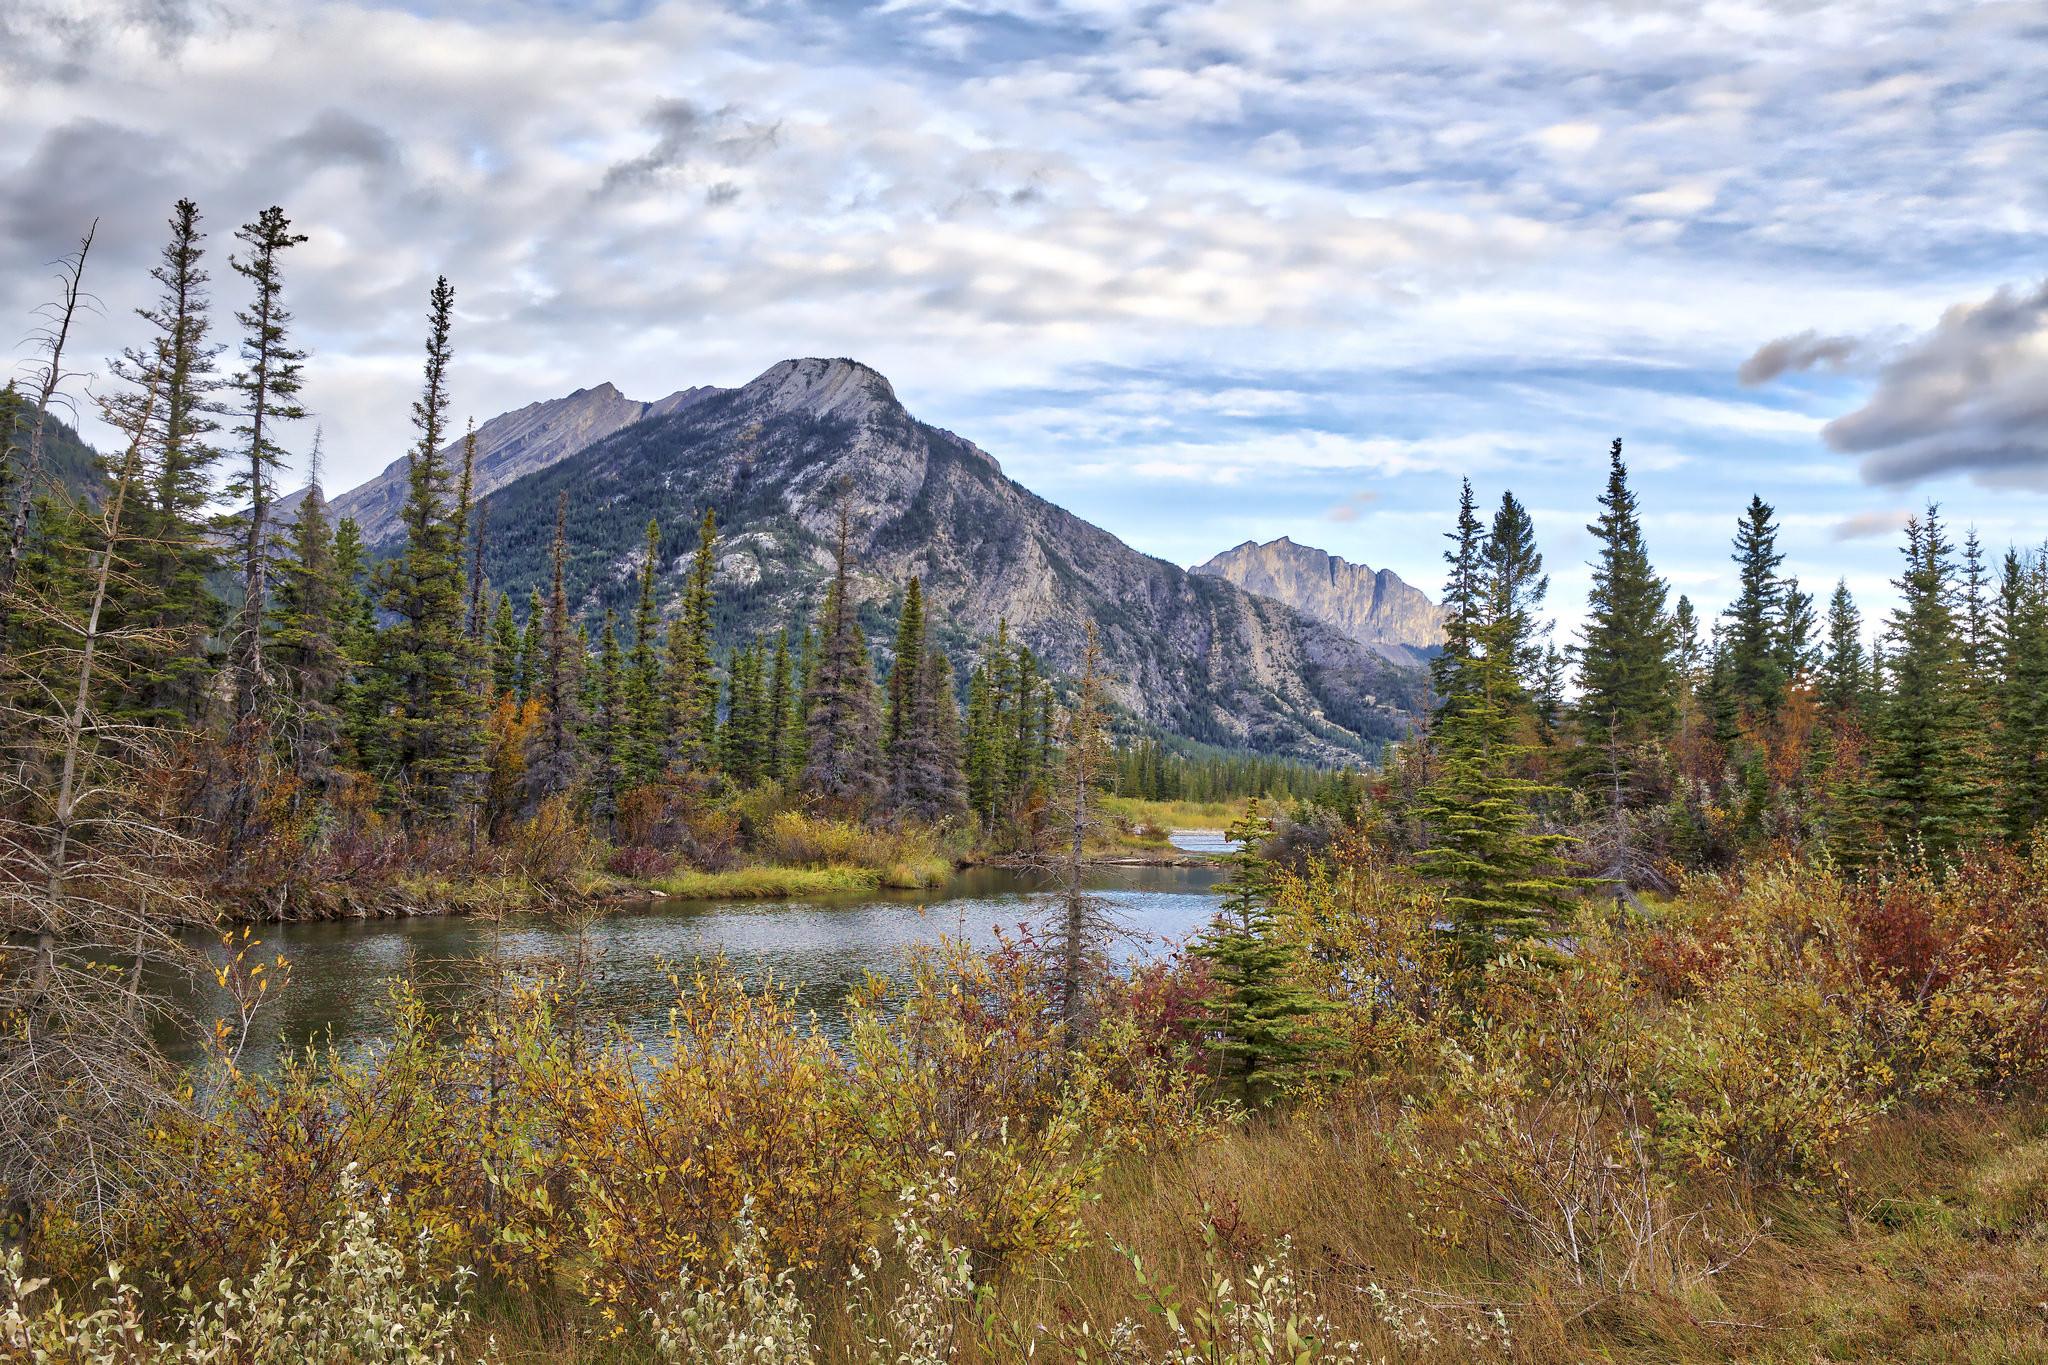 обои Yamnuska, Alberta, горы, река картинки фото